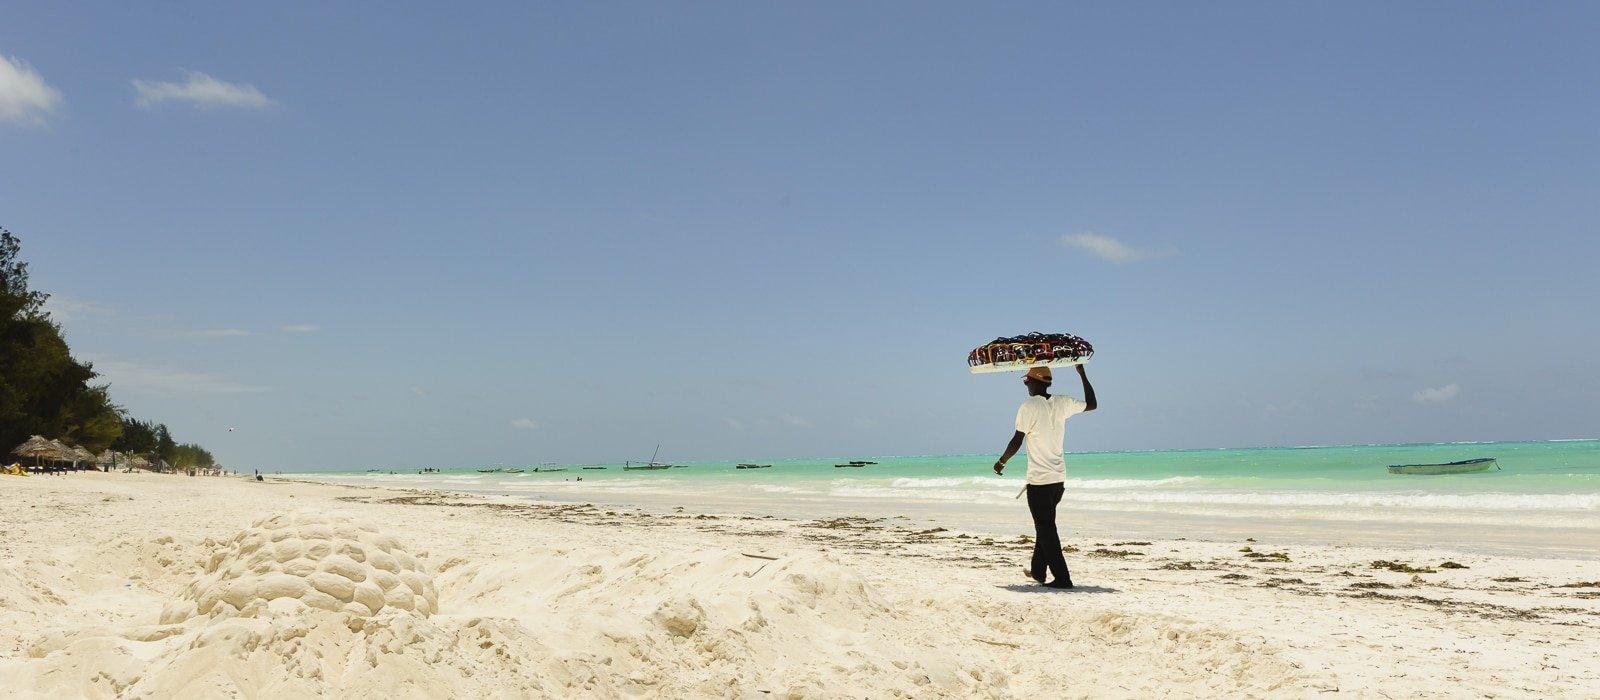 Voyage organisé en petit groupe - Plage Zanzibar - Tanzanie - Agence de voyage Les Routes du Monde